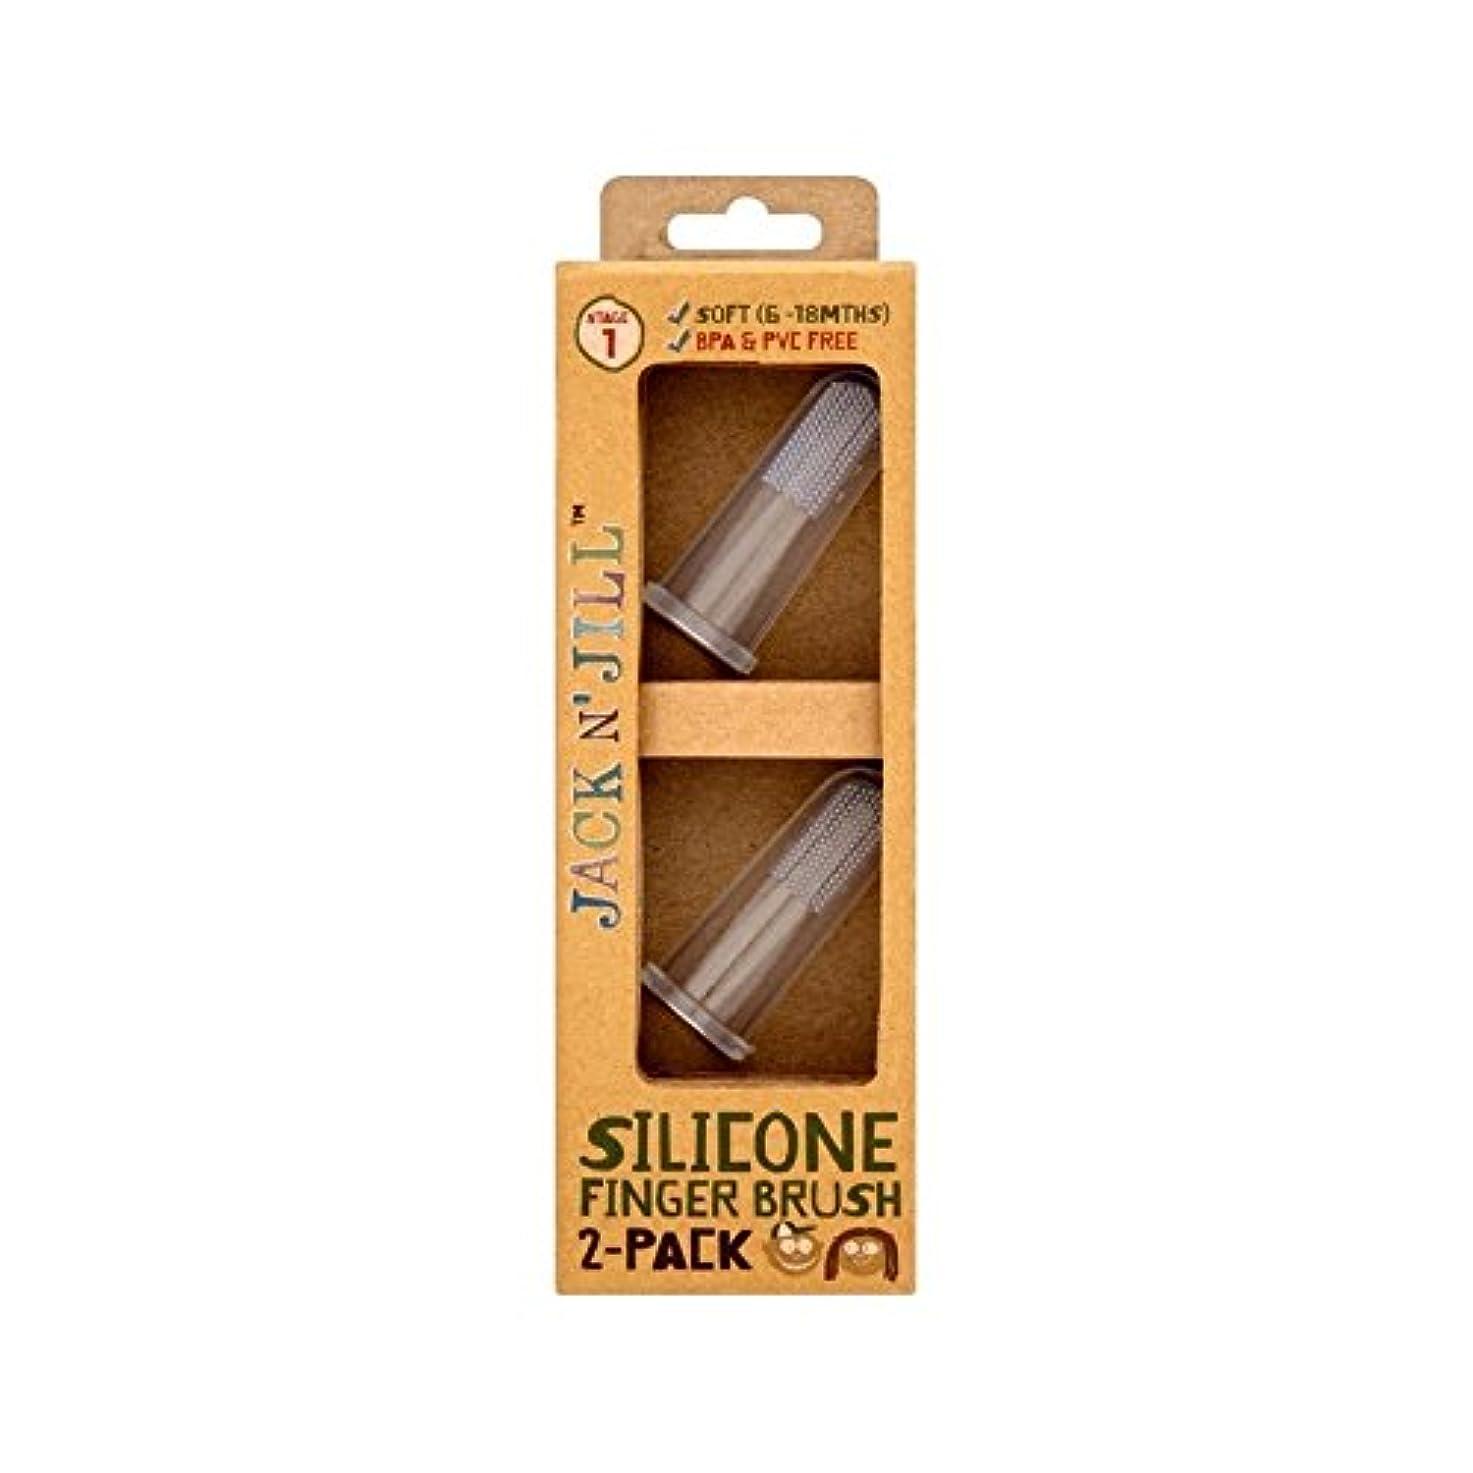 意図的カブミュウミュウシリコーン指ブラシ2パックあたりパック2 (Jack N Jill) - Jack N' Jill Silicone Finger Brush 2 Pack 2 per pack [並行輸入品]